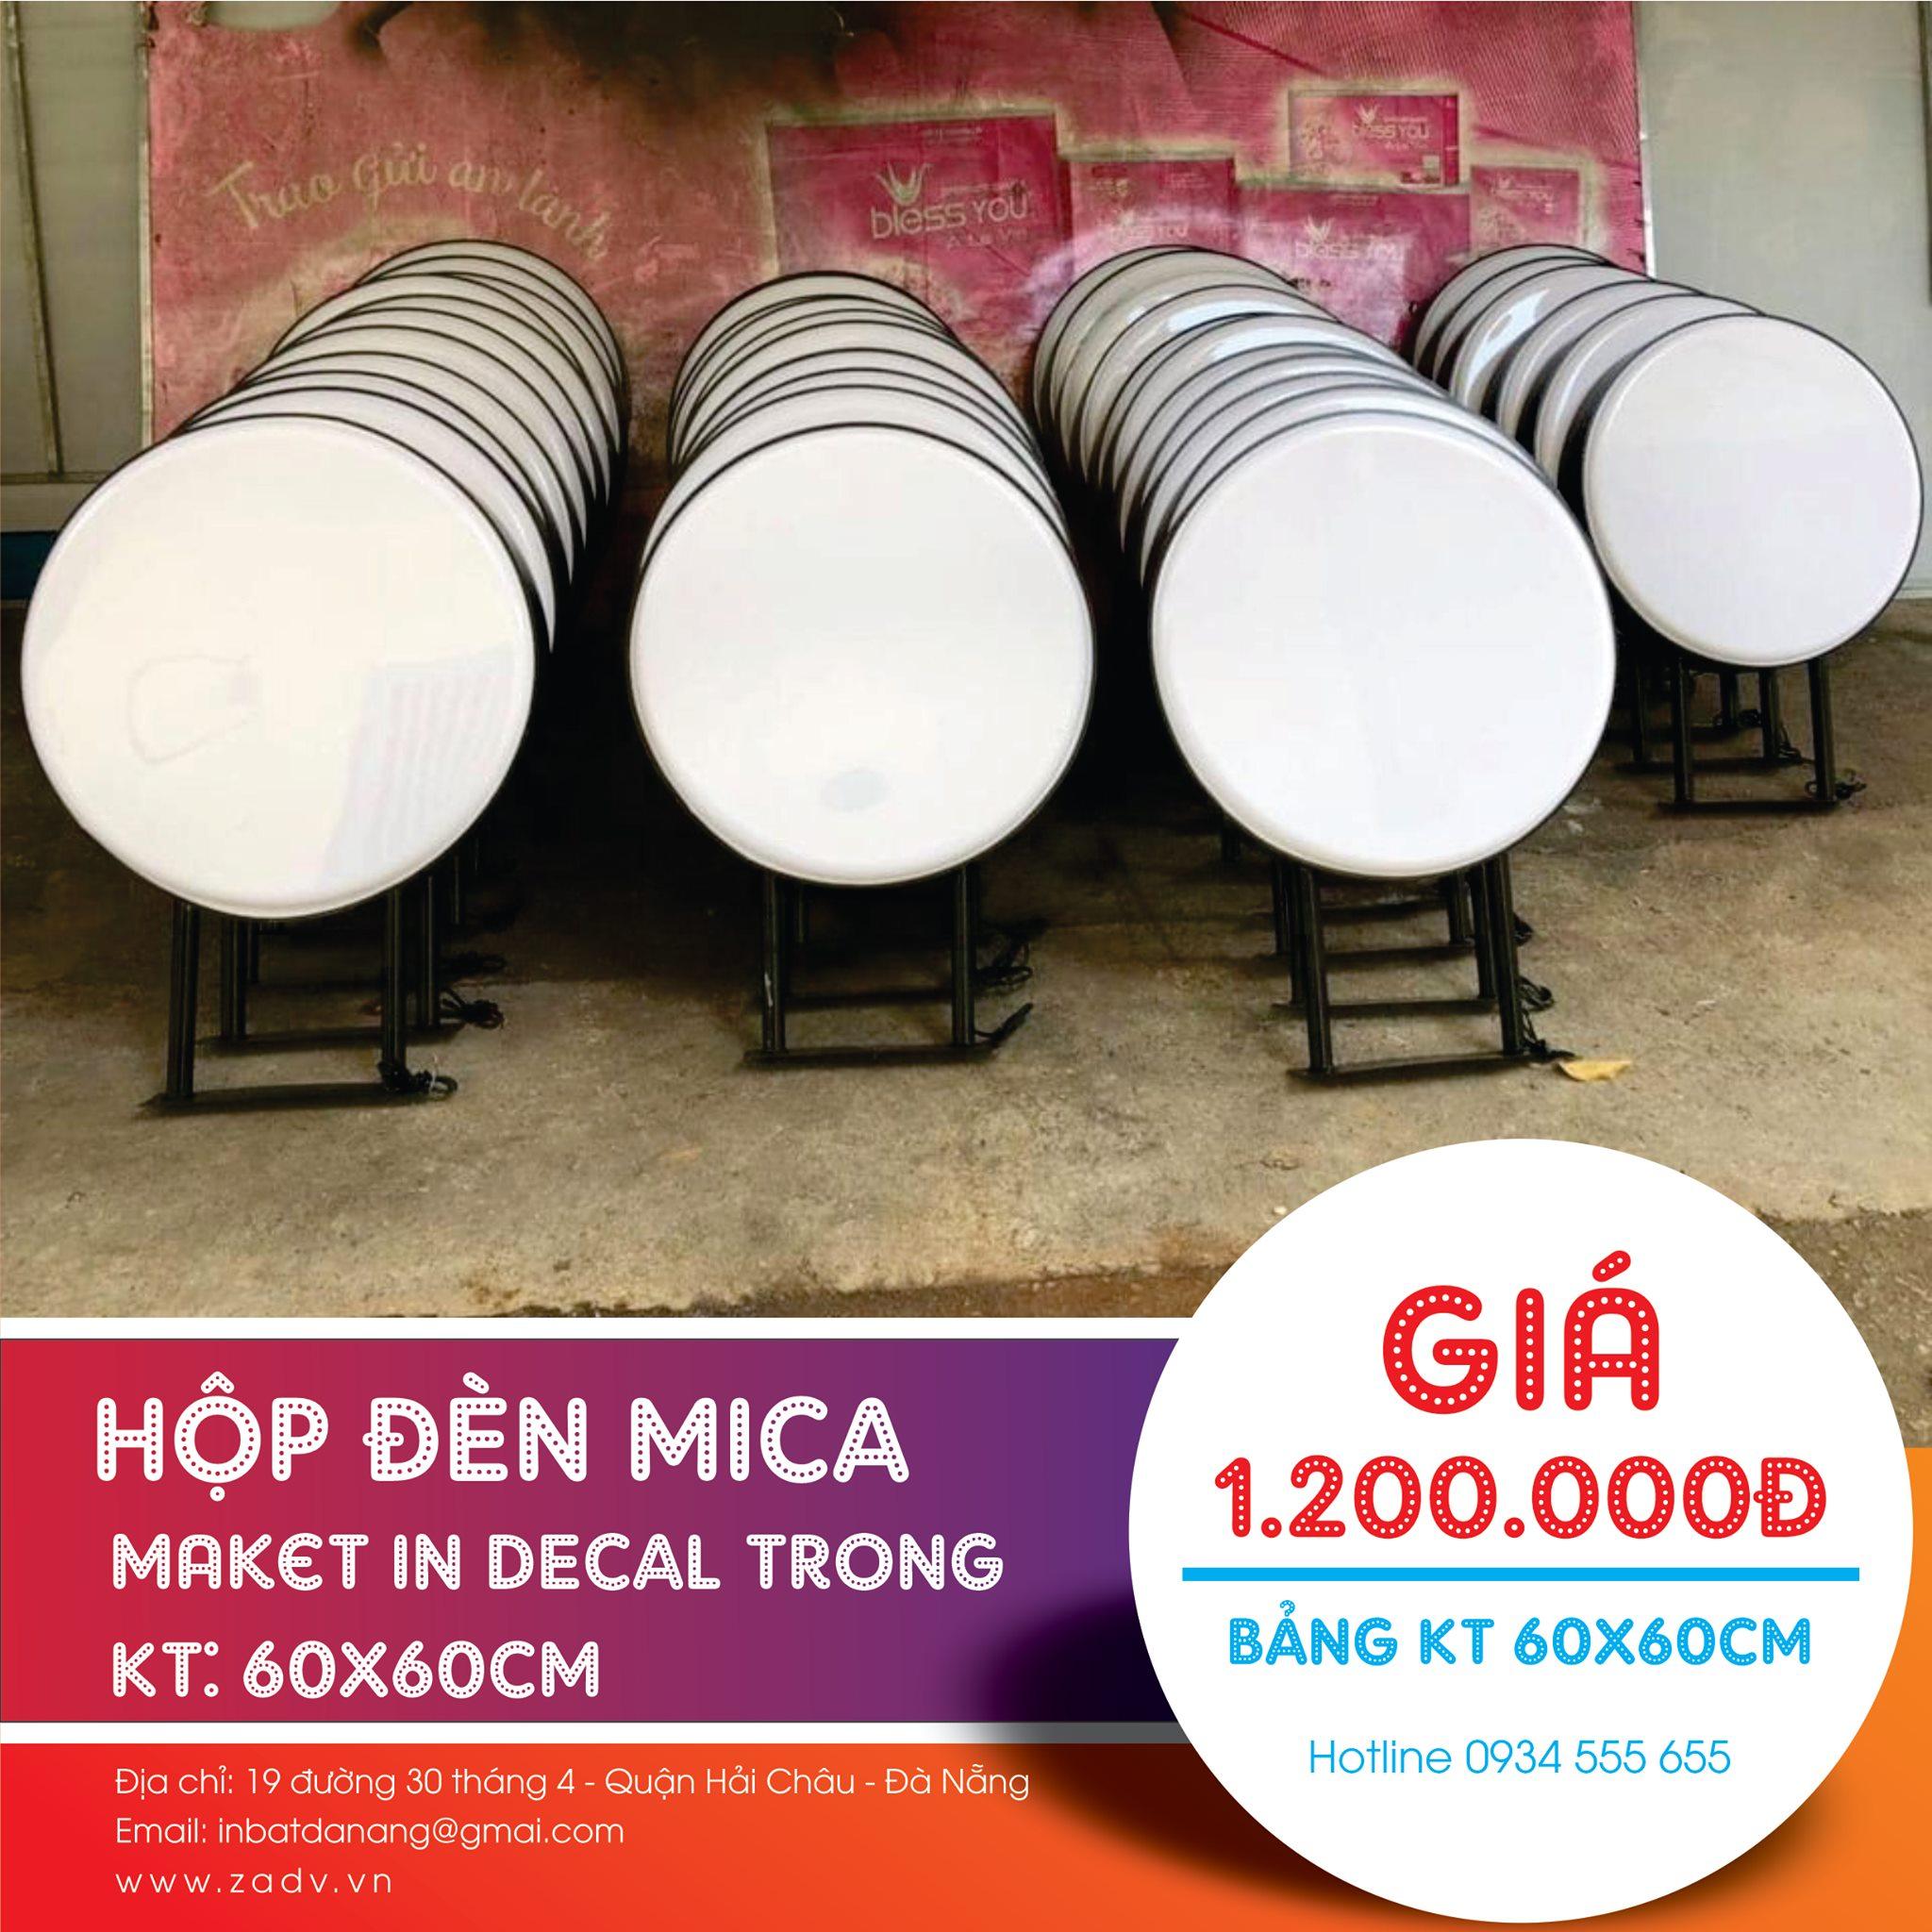 Lắp đặt hộp đèn mica giá bao rẻ ở Đà Nẵng